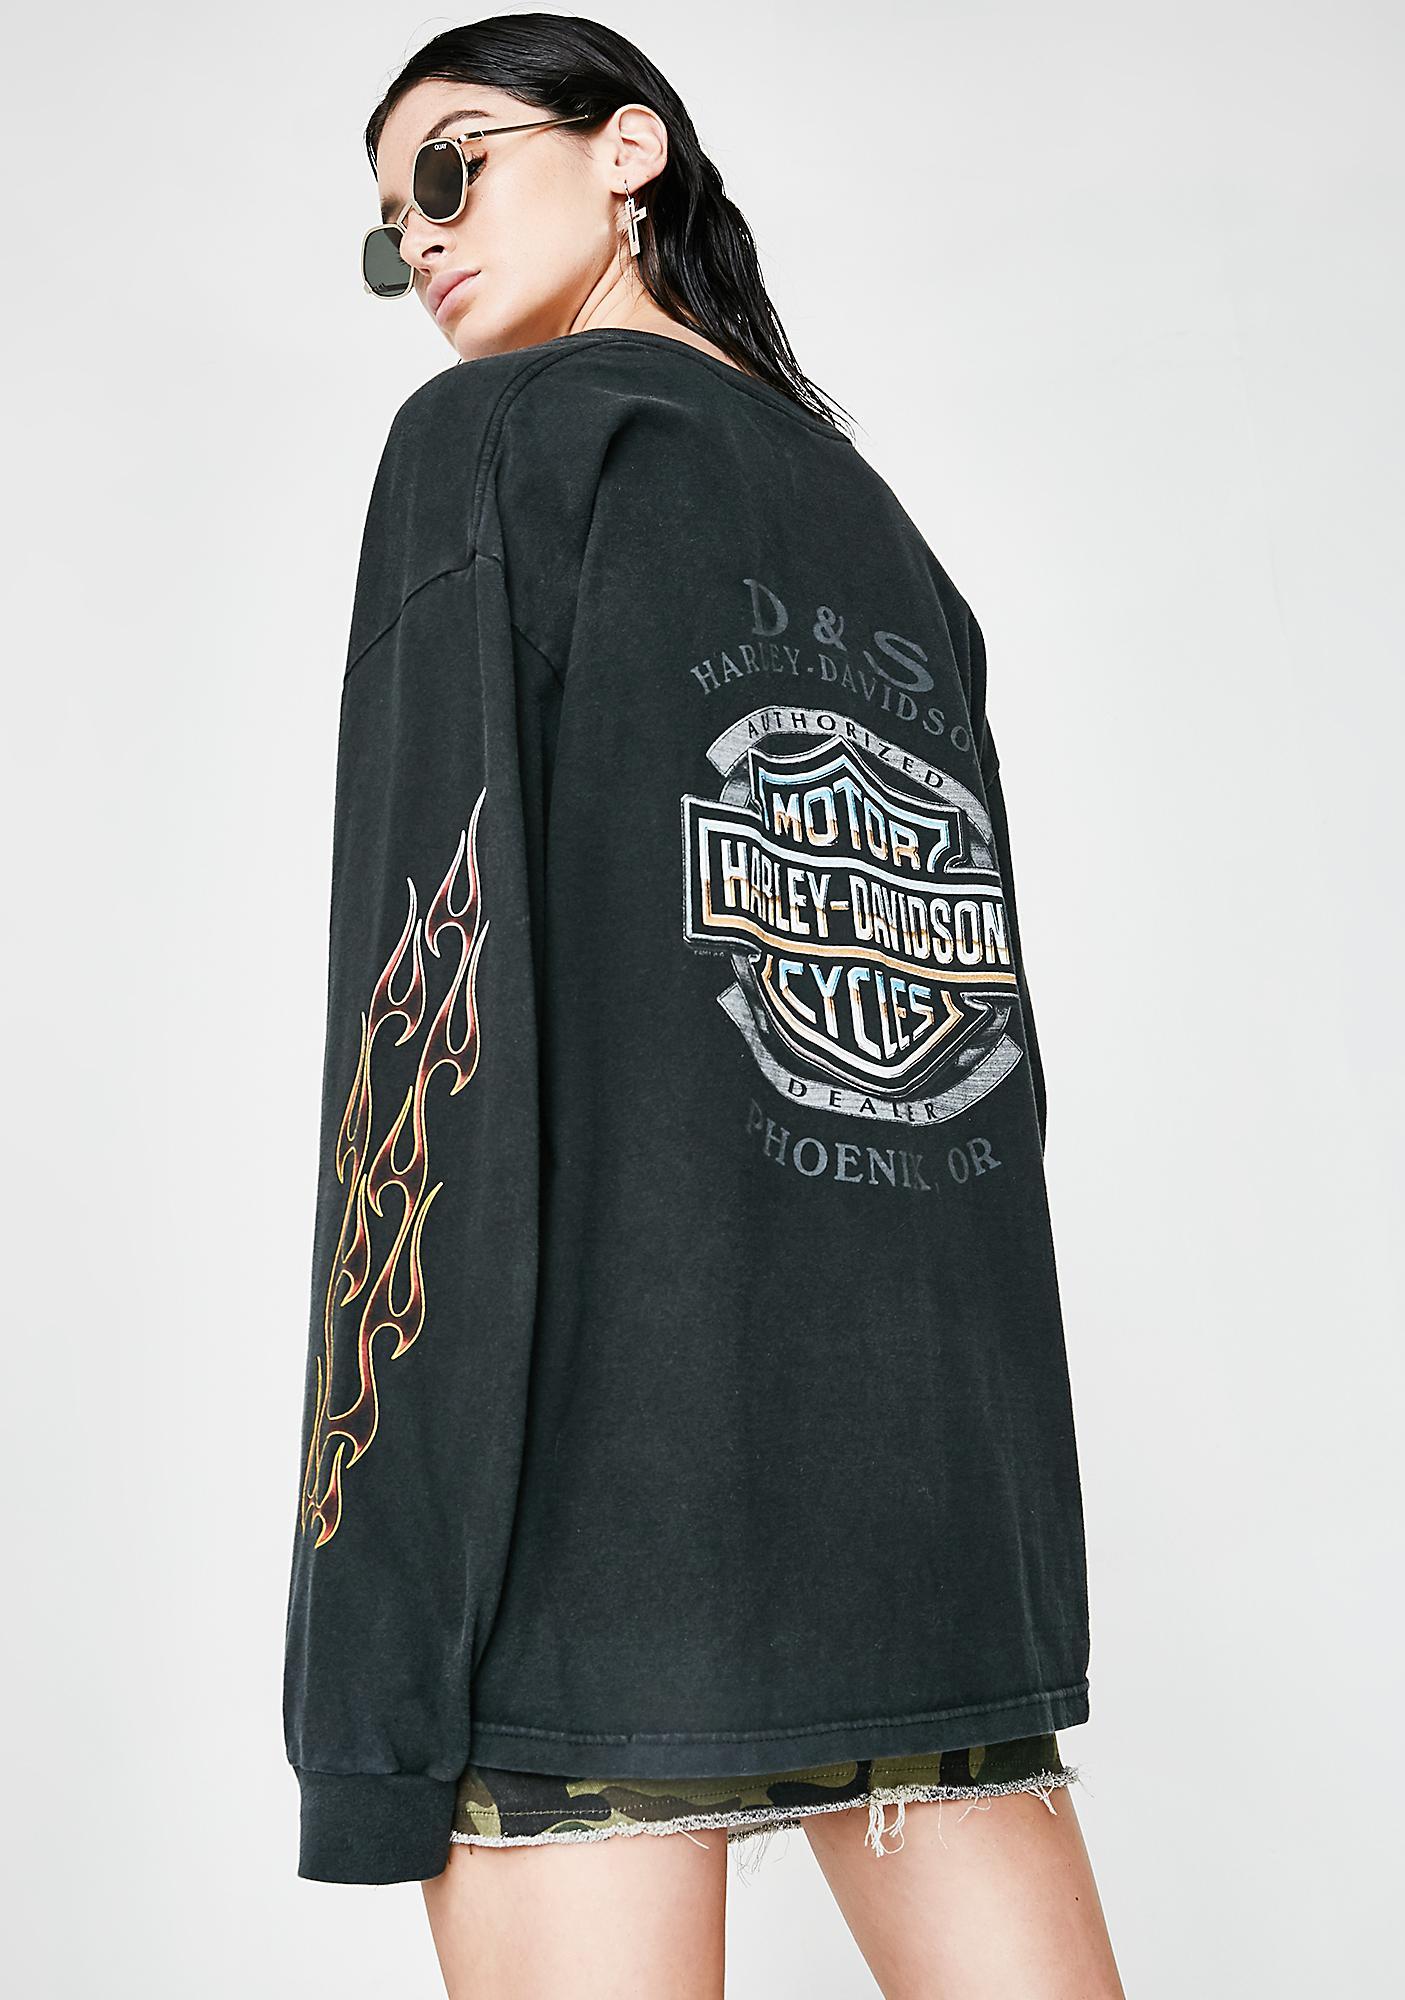 Vintage Harley Davidson Phoenix Long Sleeve Tee